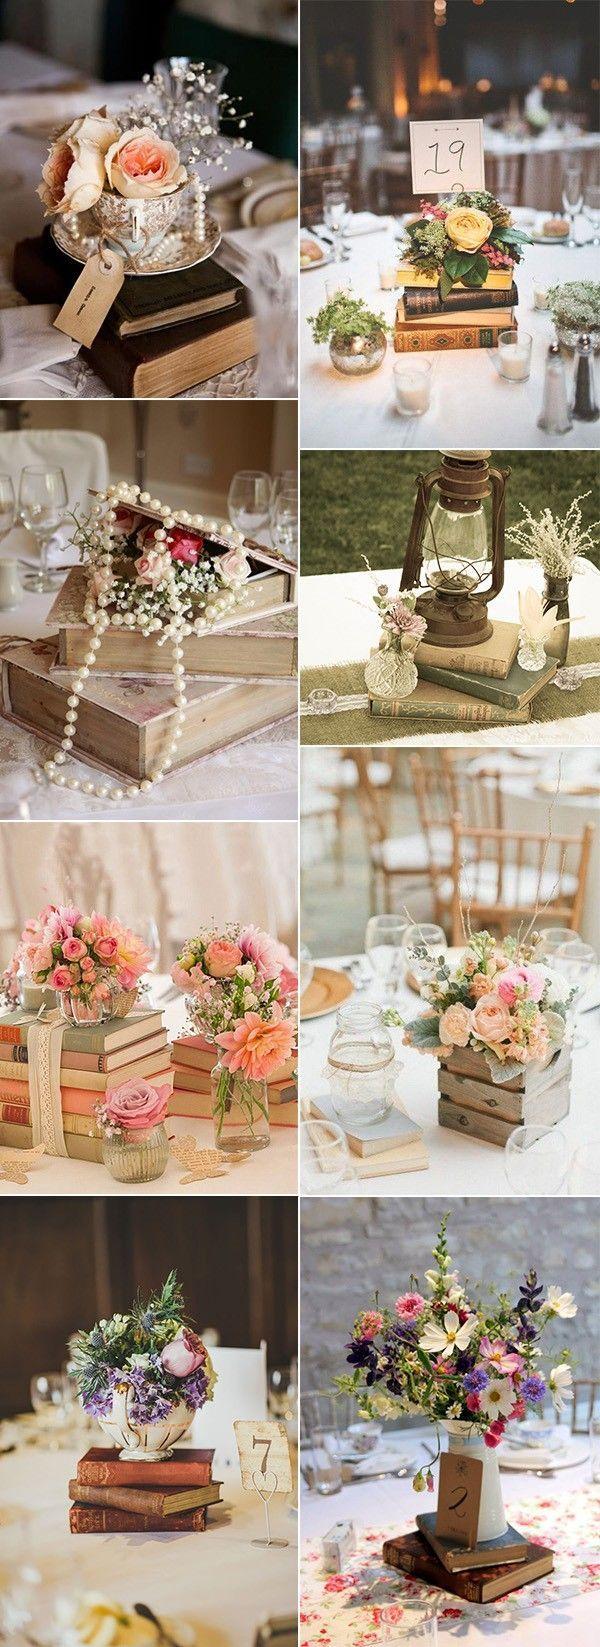 vintage books inspired wedding centerpiece decoration ideas